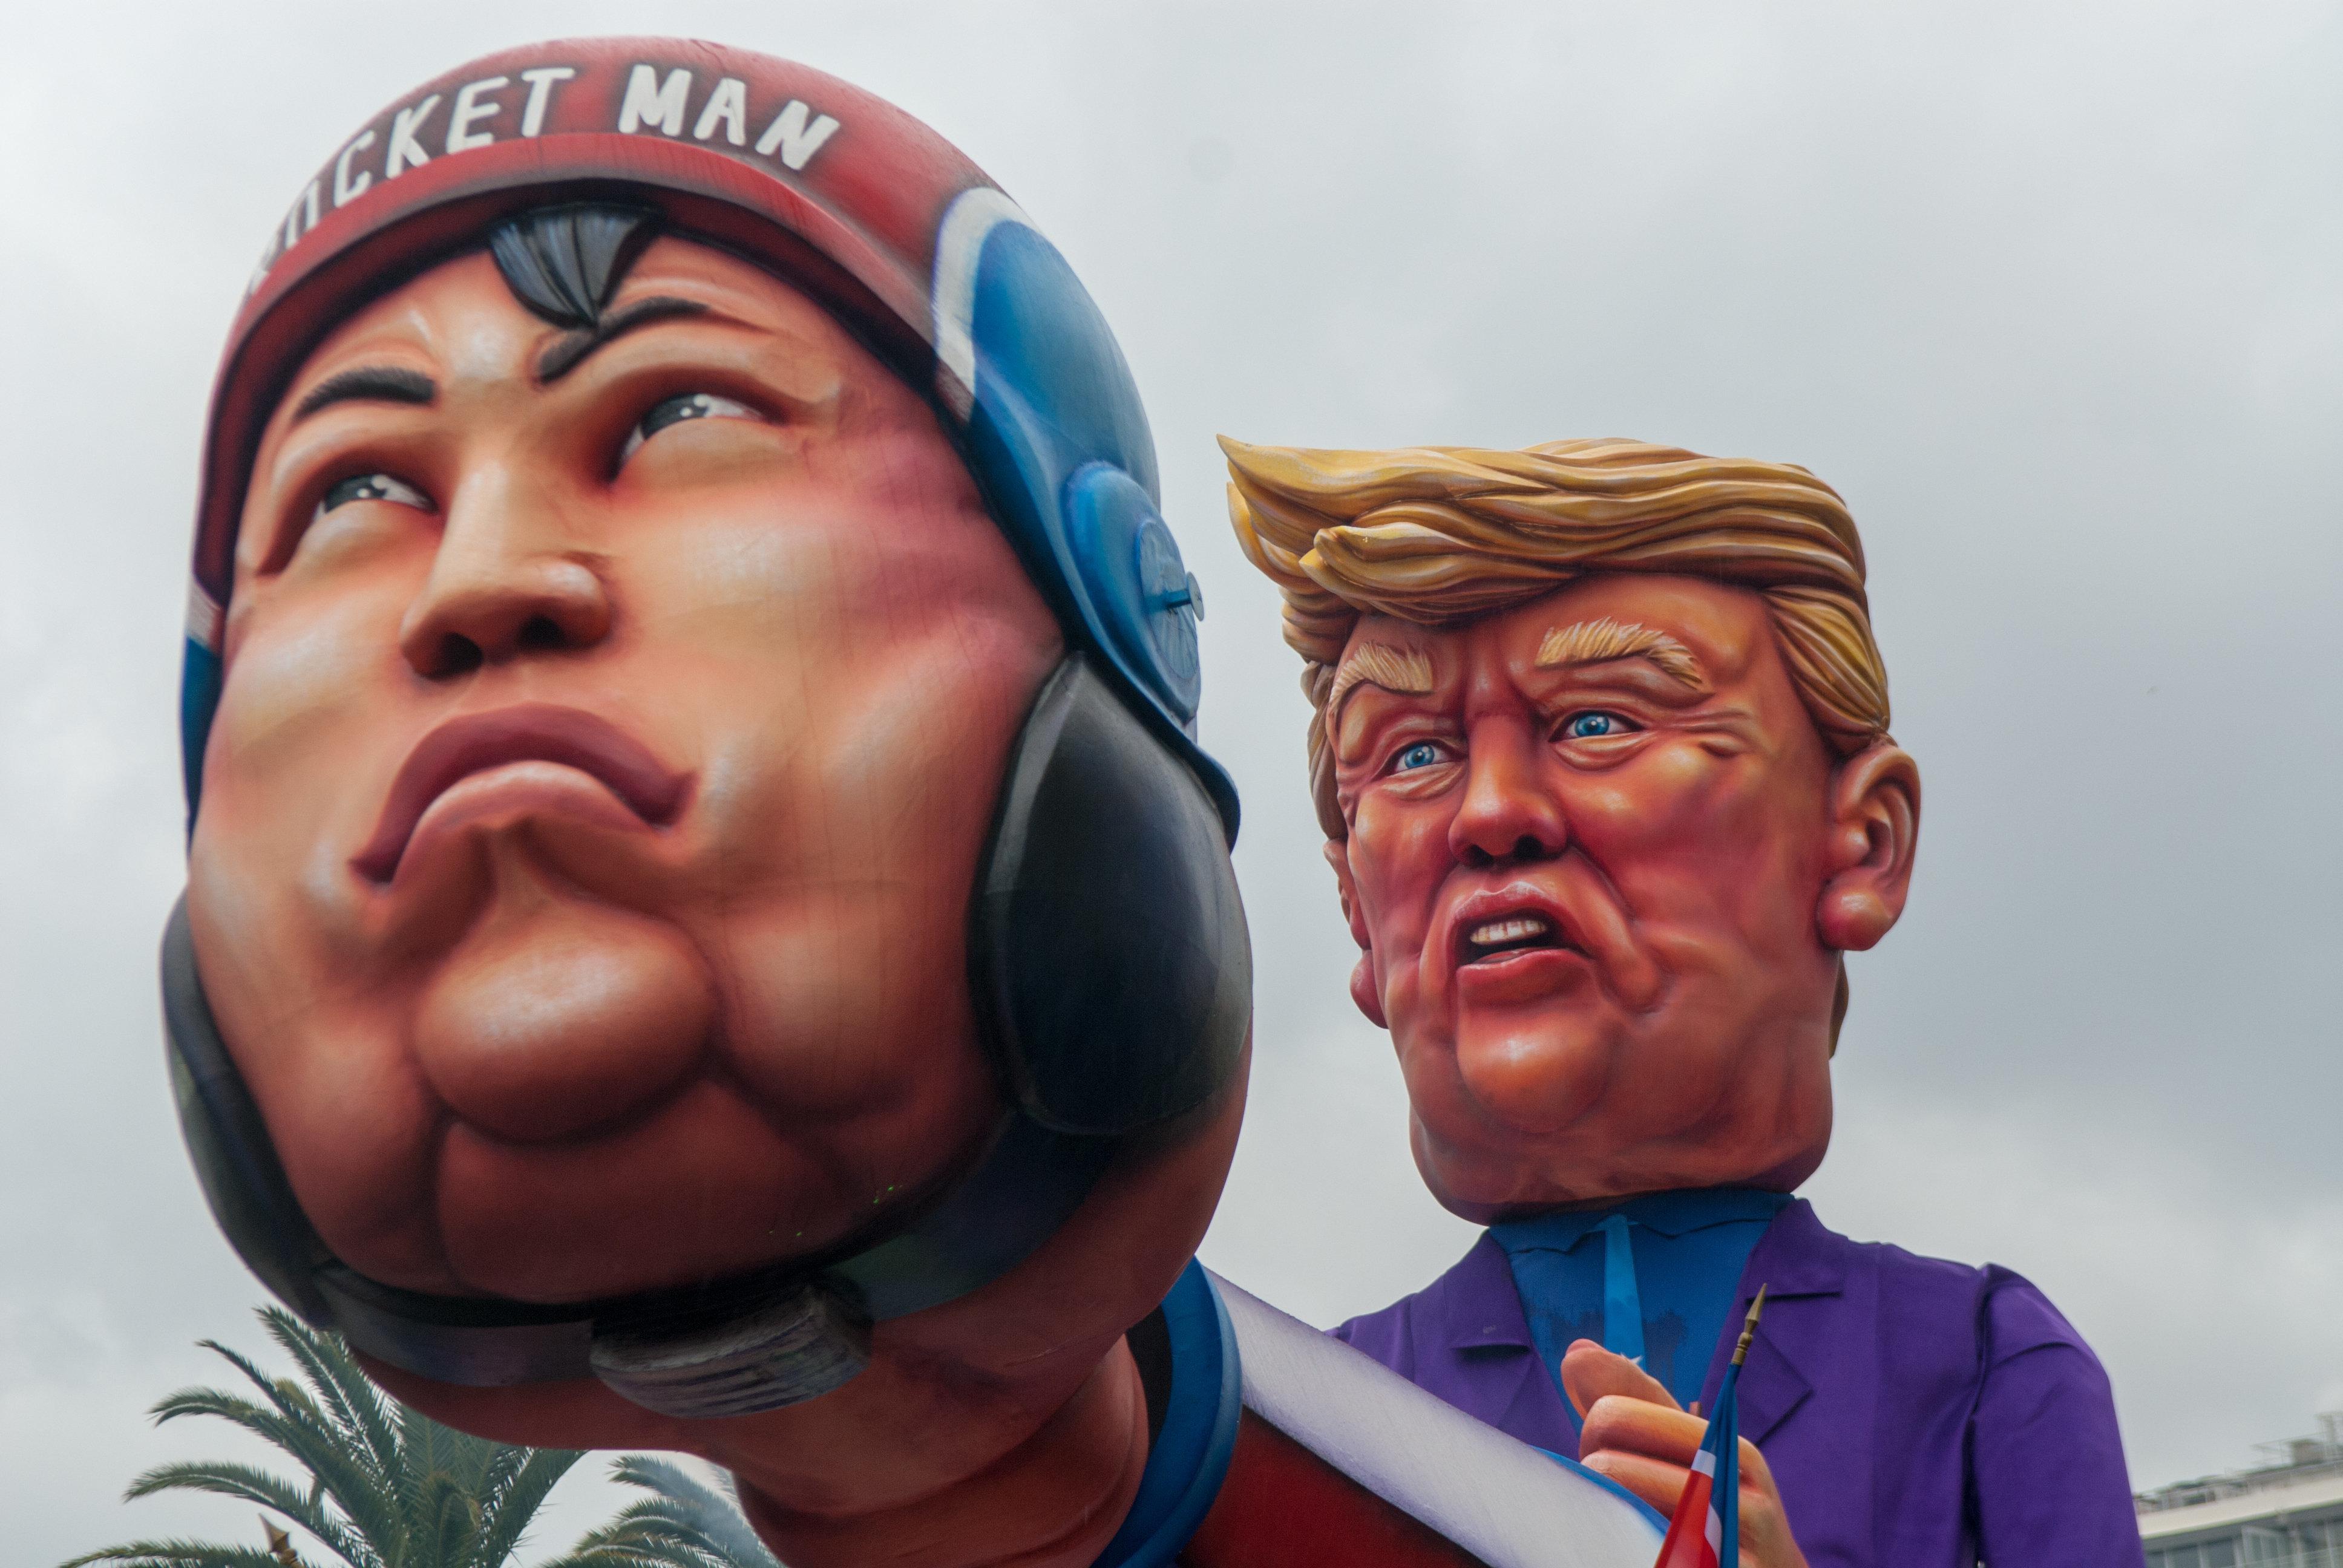 김정은과 트럼프가 서로를 향한 호감을 감추지 못하고